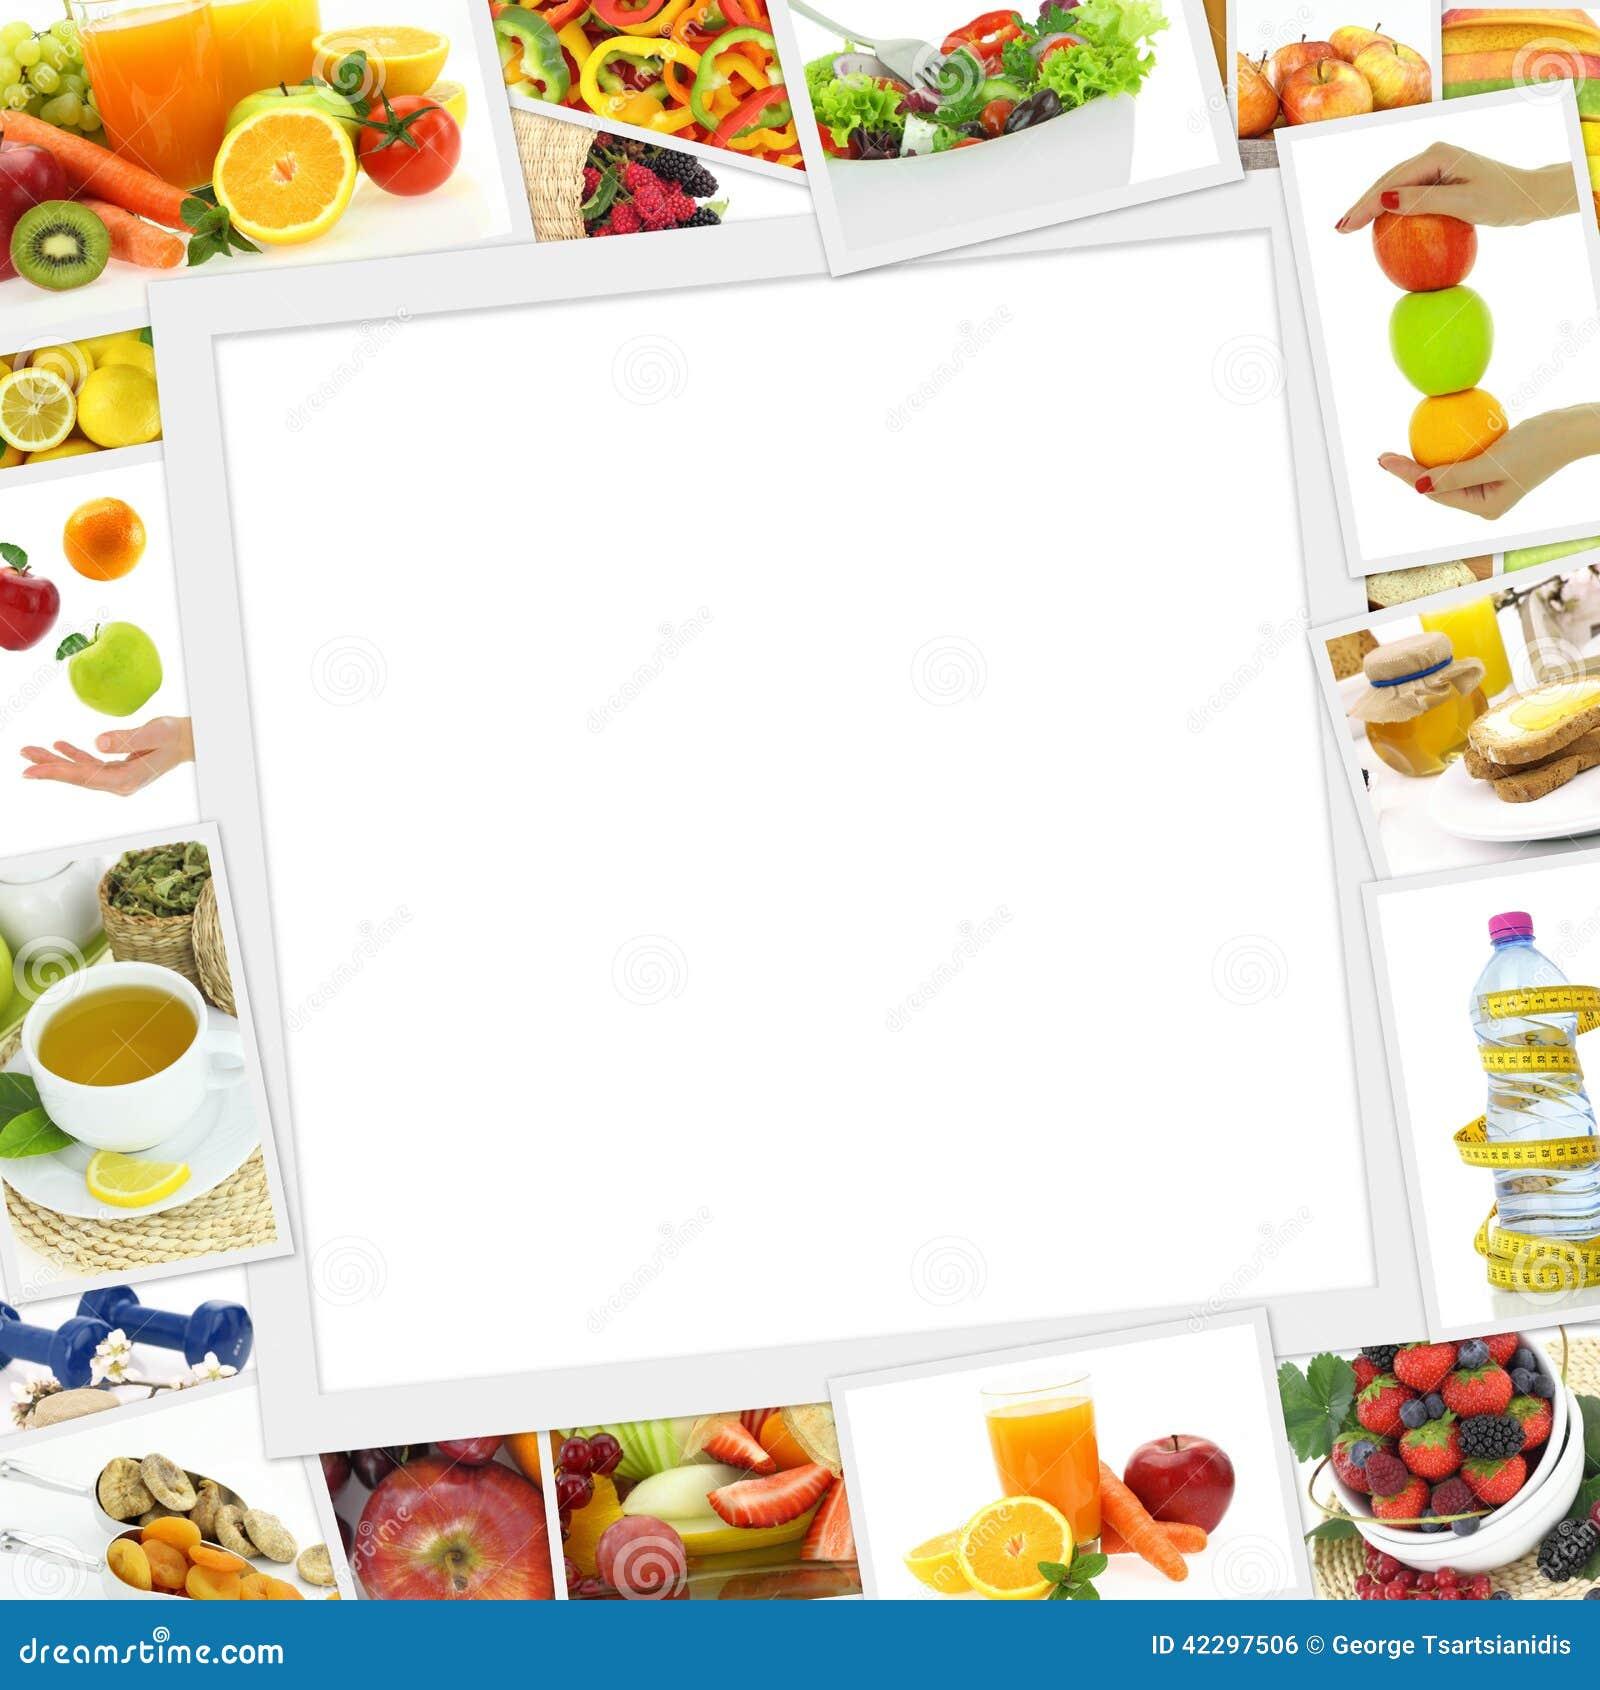 健康食物照片的汇集与拷贝空间的.图片